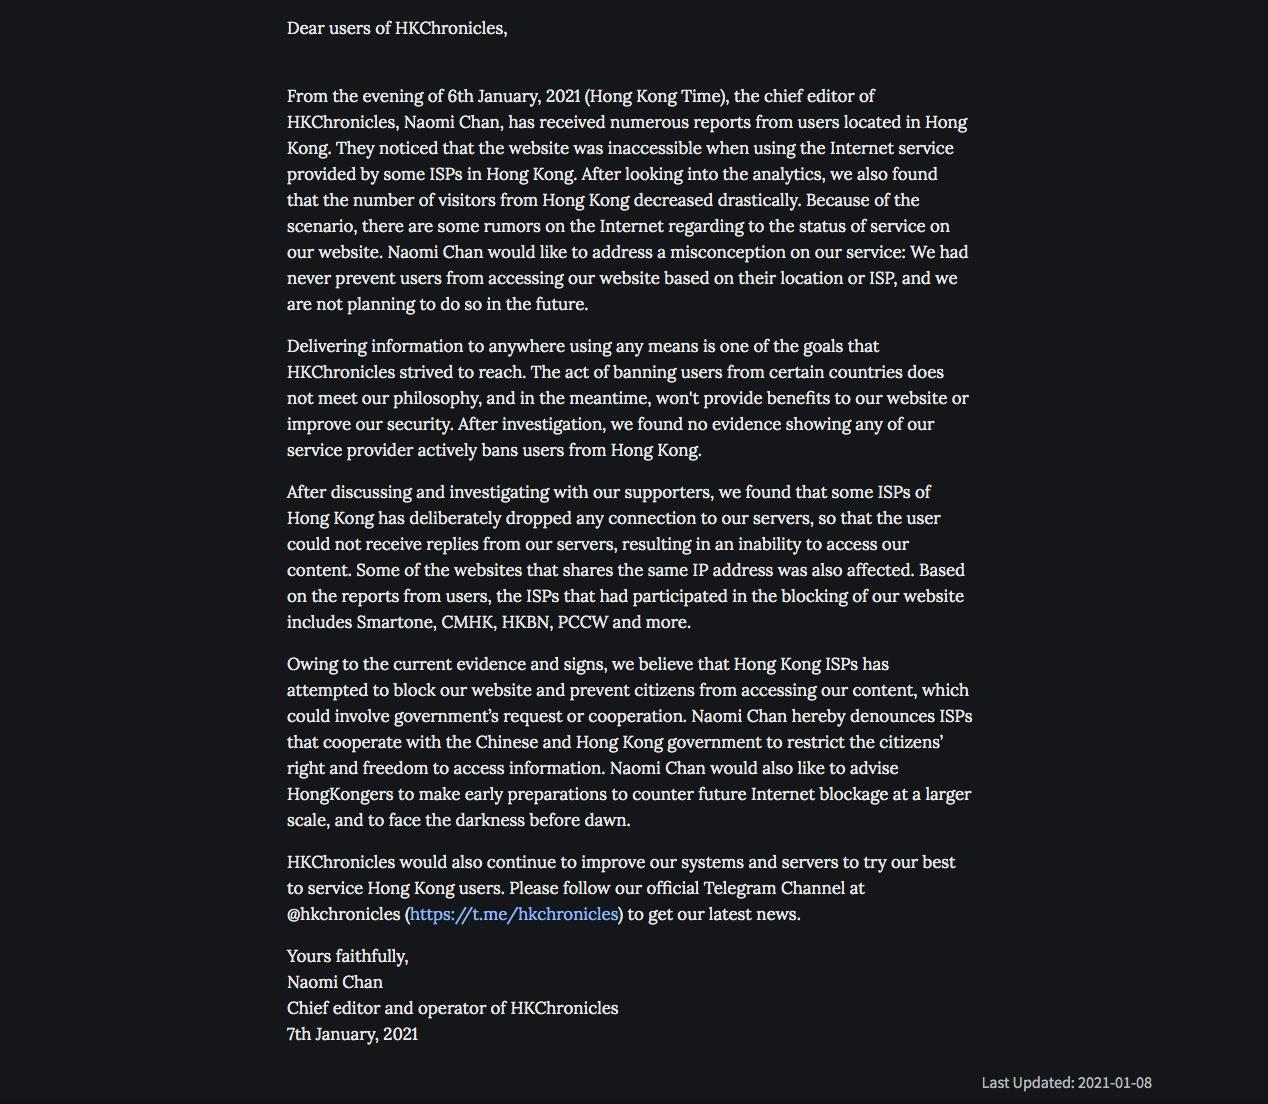 香港編年史主編及管理人陳妍茵7日發表聲明之英文版。(香港編年史網站截圖)